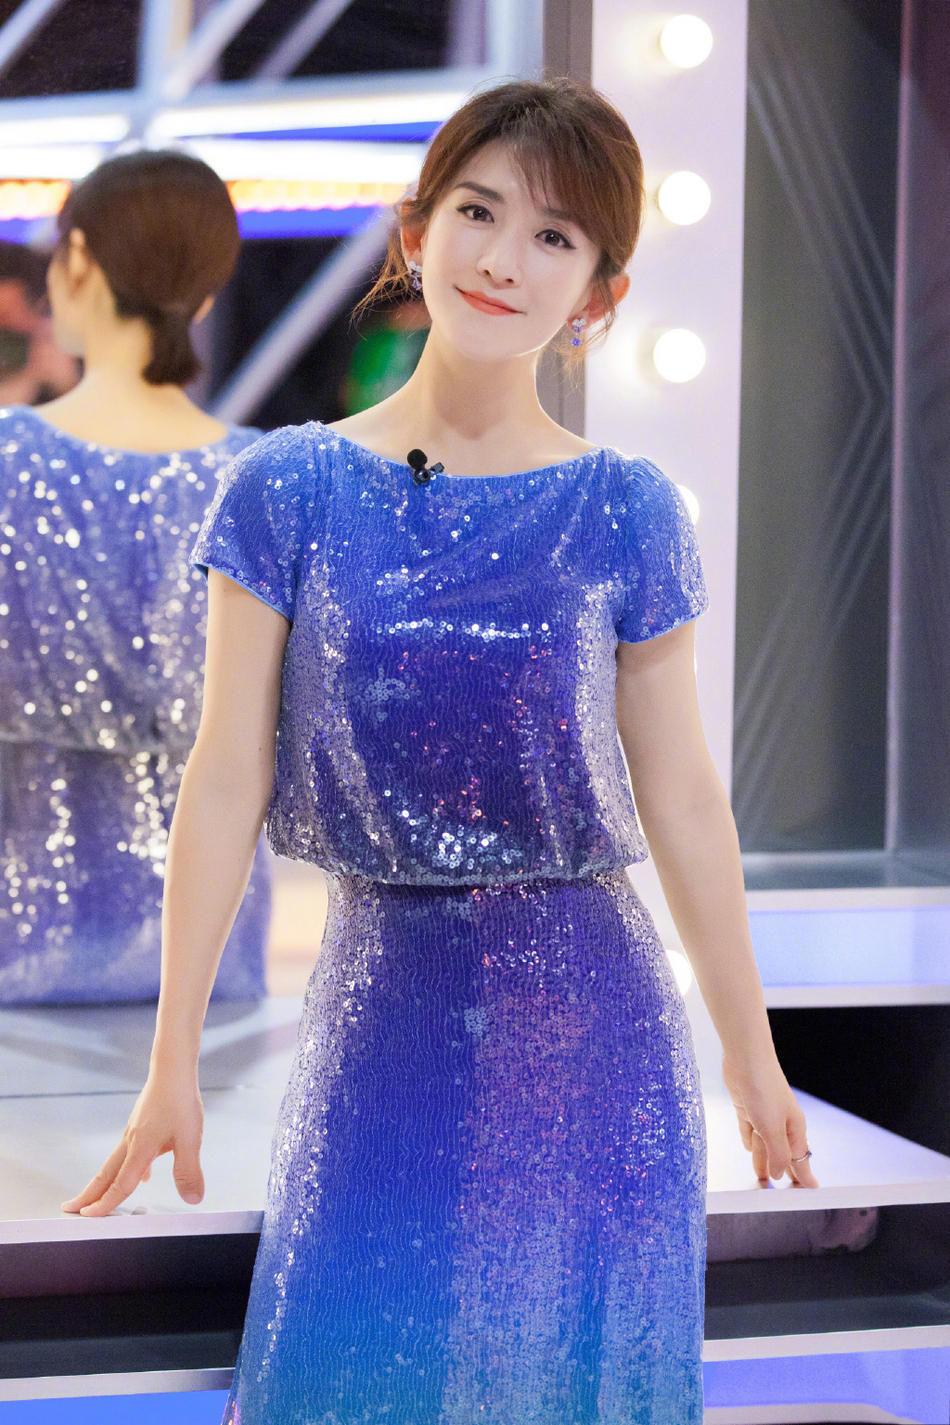 谢娜美得太真实!无滤镜的脸上没有半点皱纹,蓝色蕾丝裙更显优雅